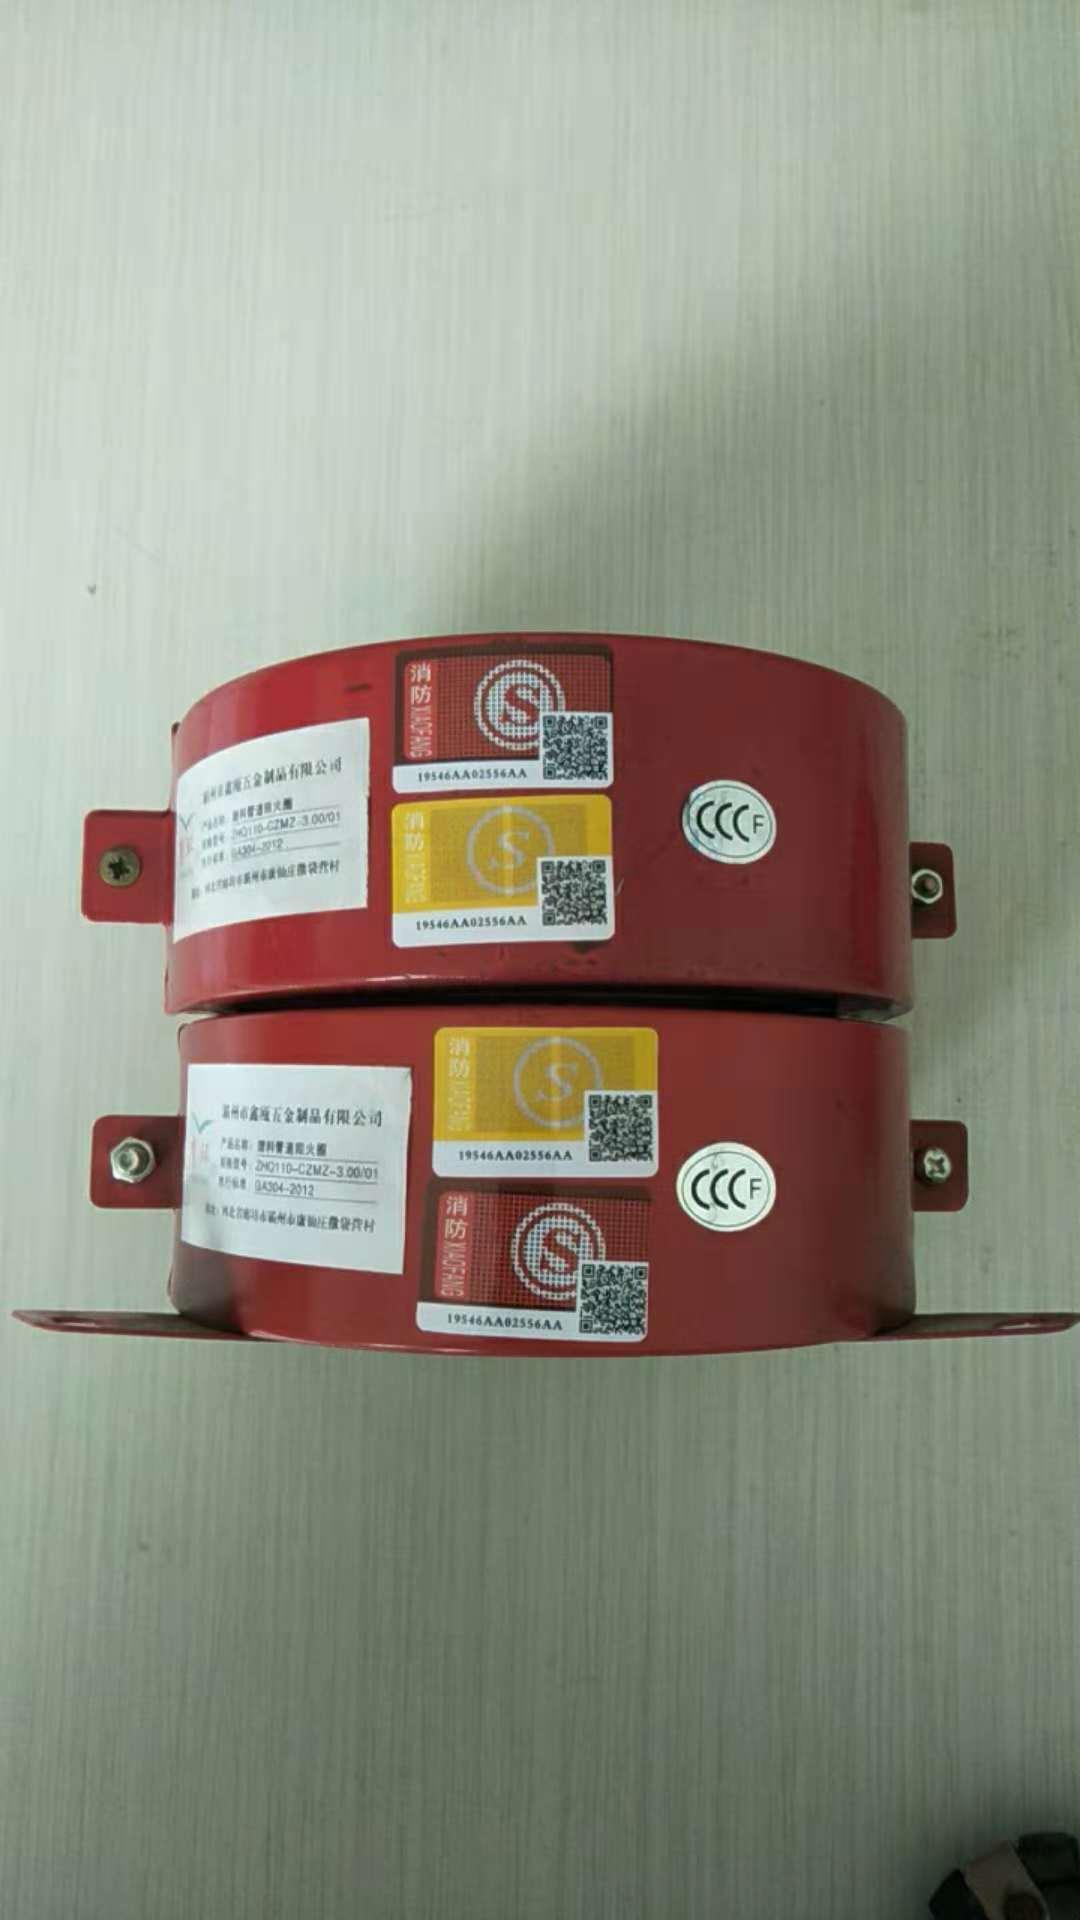 鄂州市160消防管道阻火圈包检测